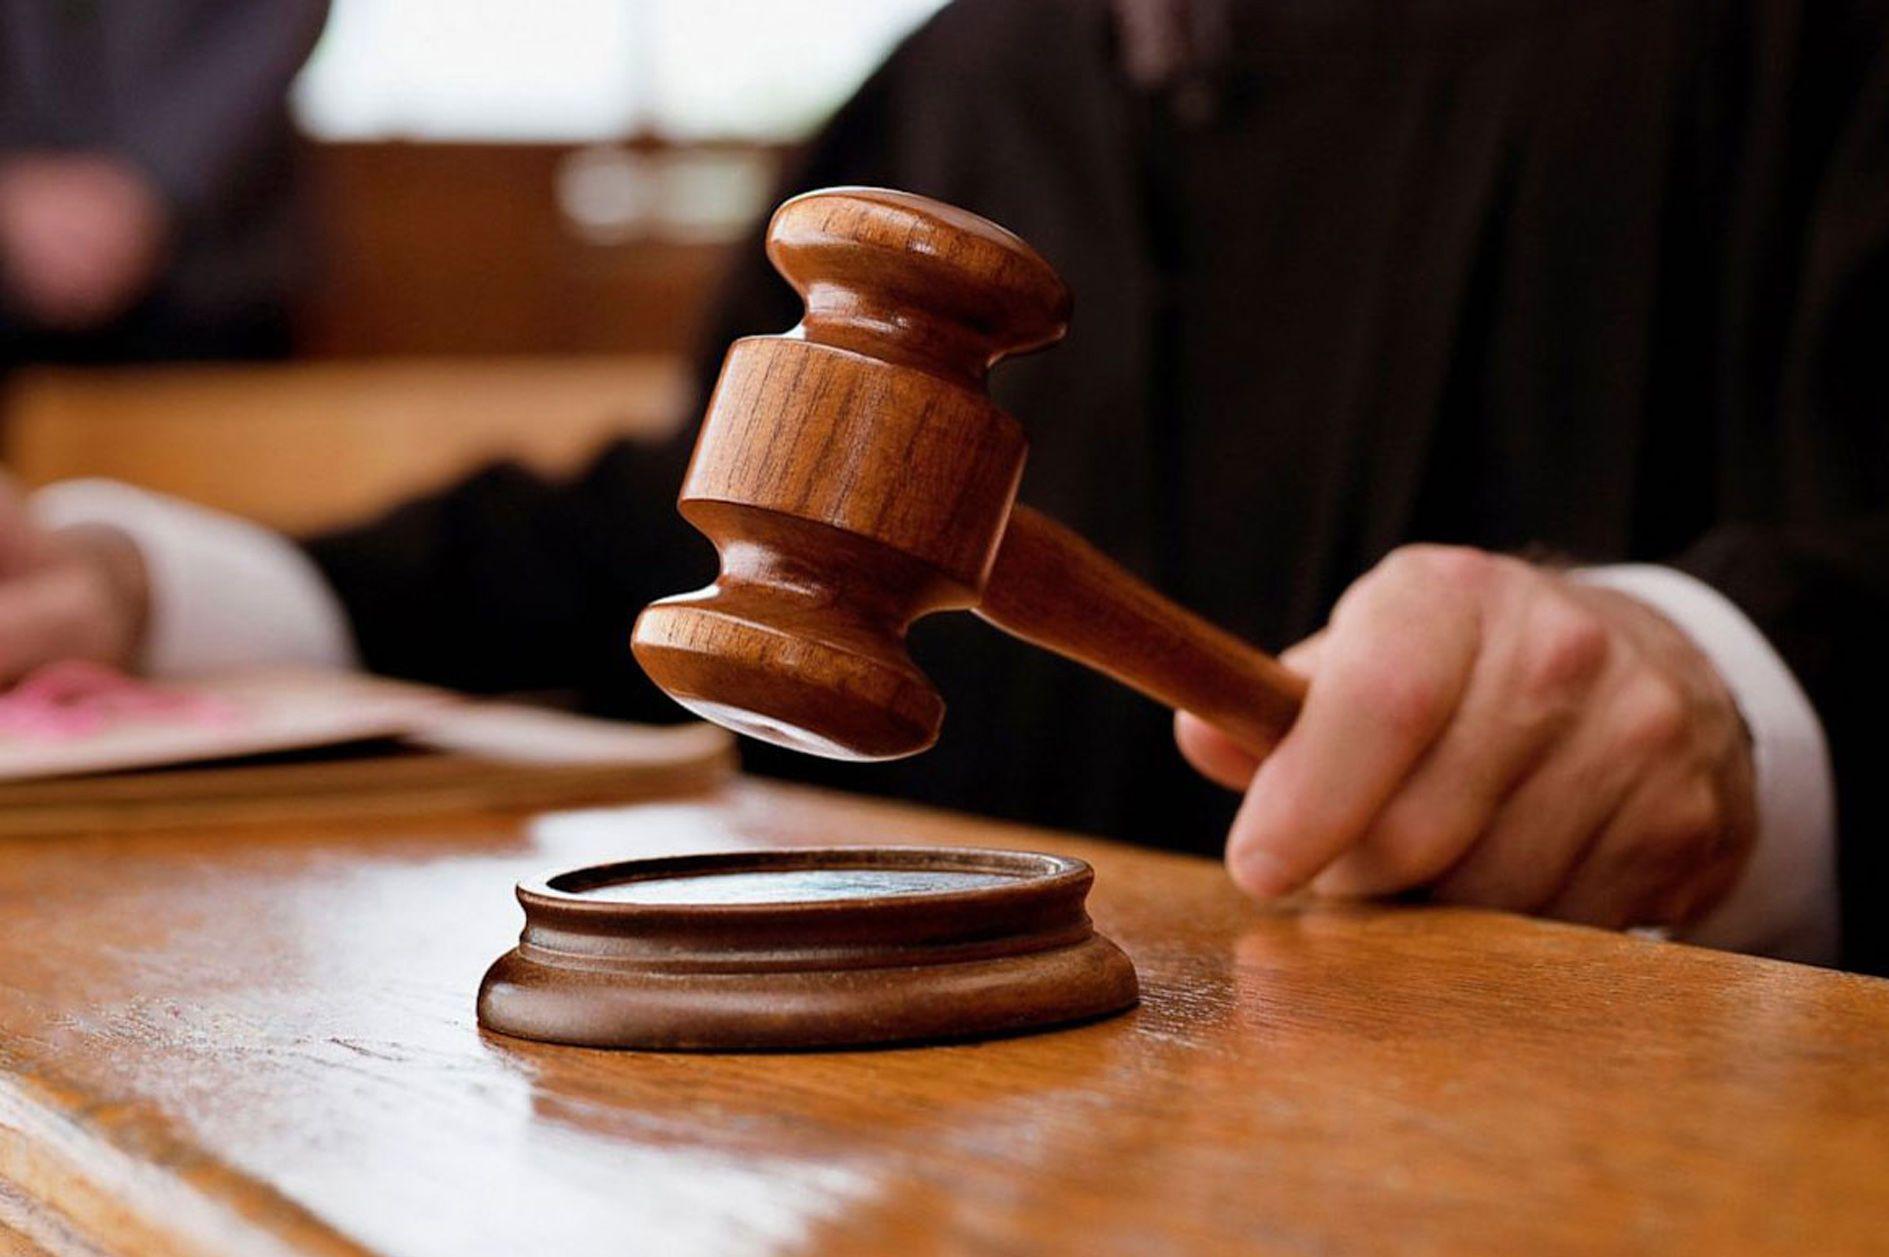 Іршавським відділом Хустської місцевої прокуратури затверджено і скеровано до суду обвинувальний акт стосовно голови Кам'янської сільської виборчої комісії, що працювала на місцевих виборах 2019 року.